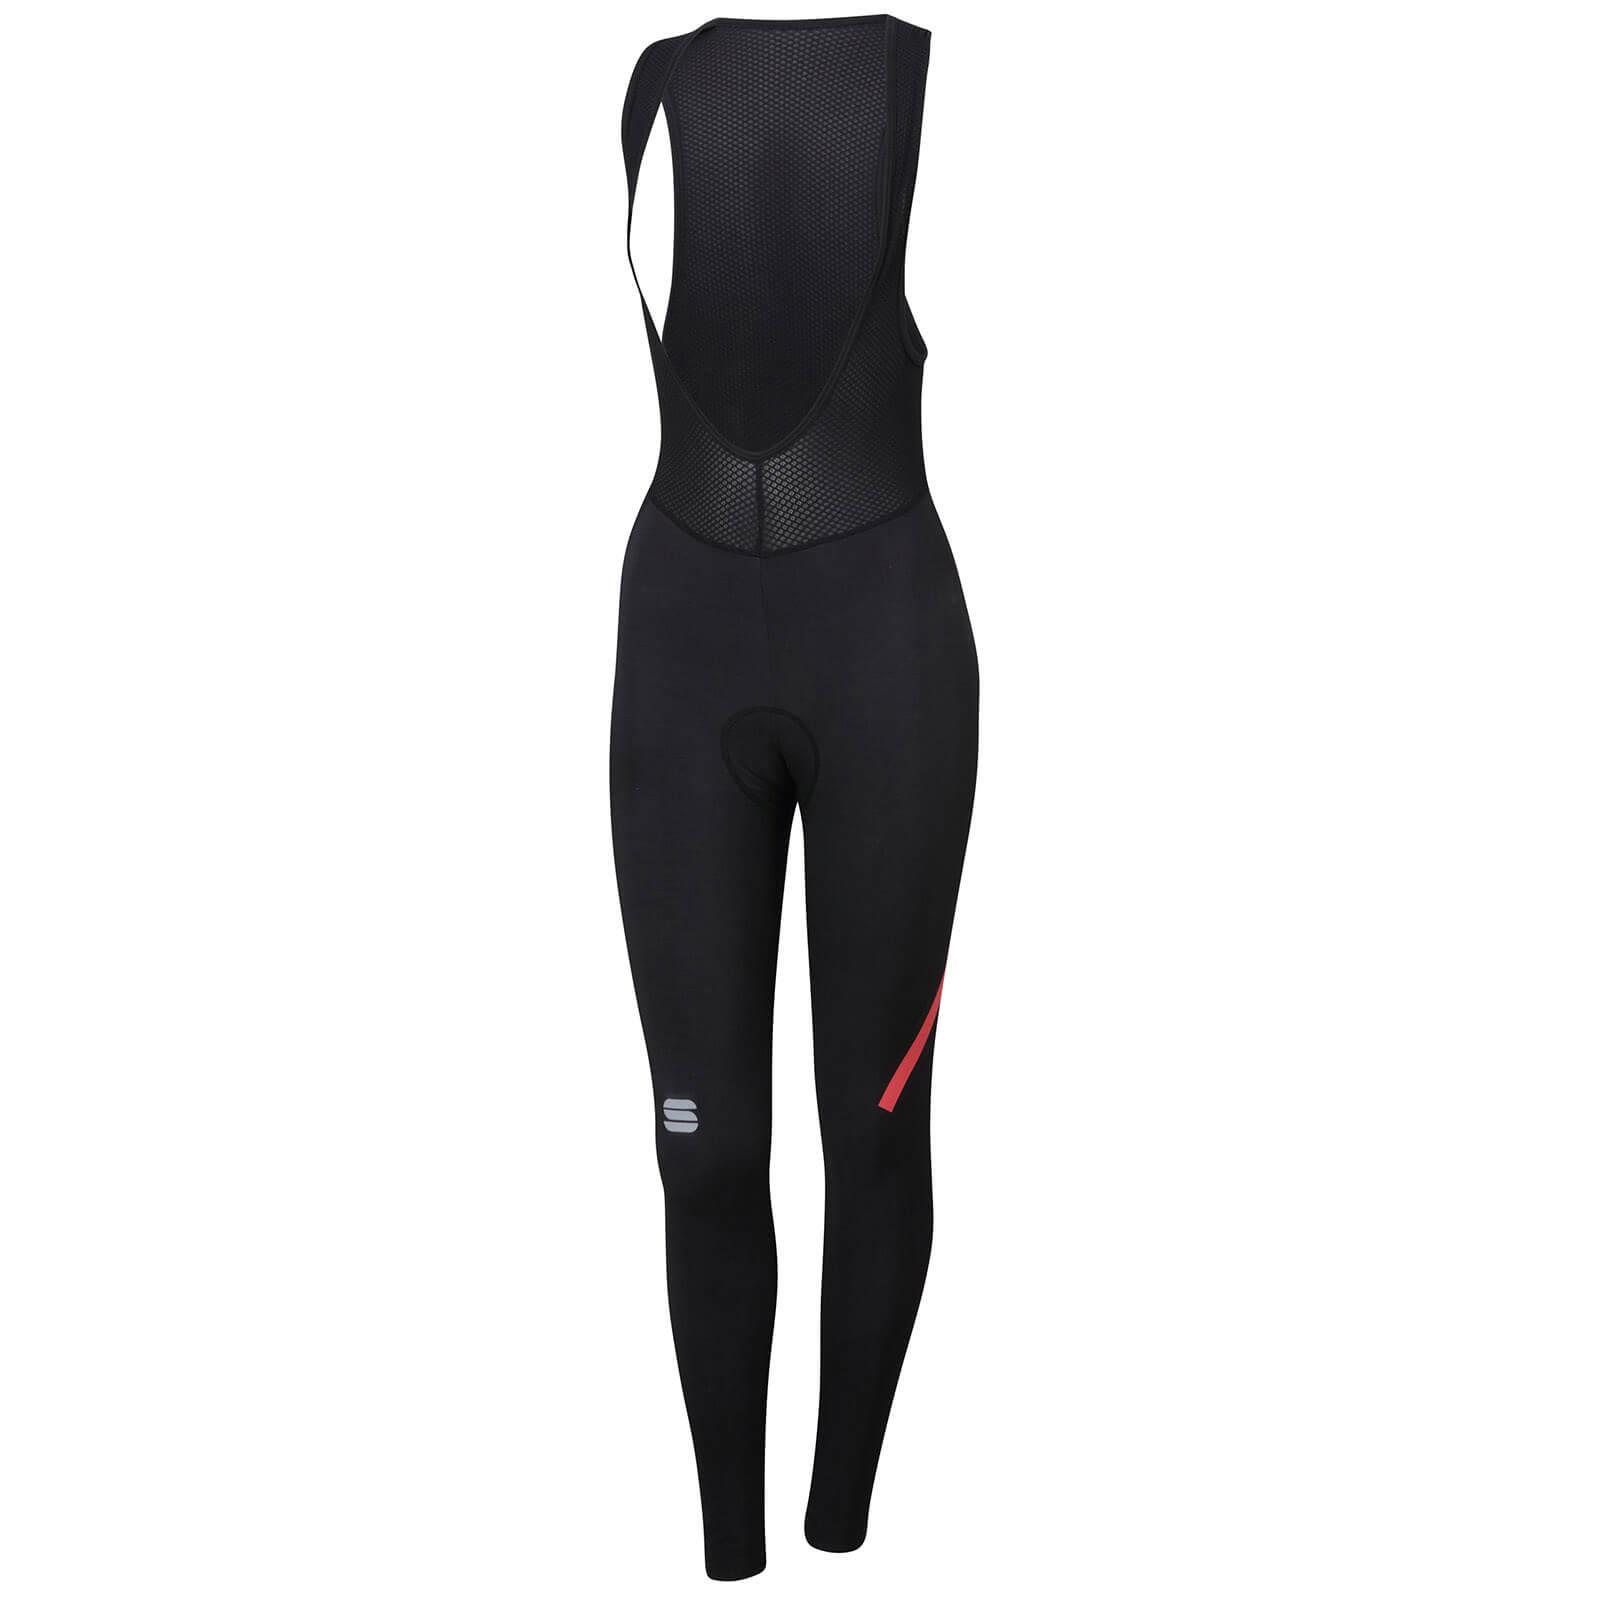 Sportful Women's NoRain Bib Tights - Black - XS - Blue